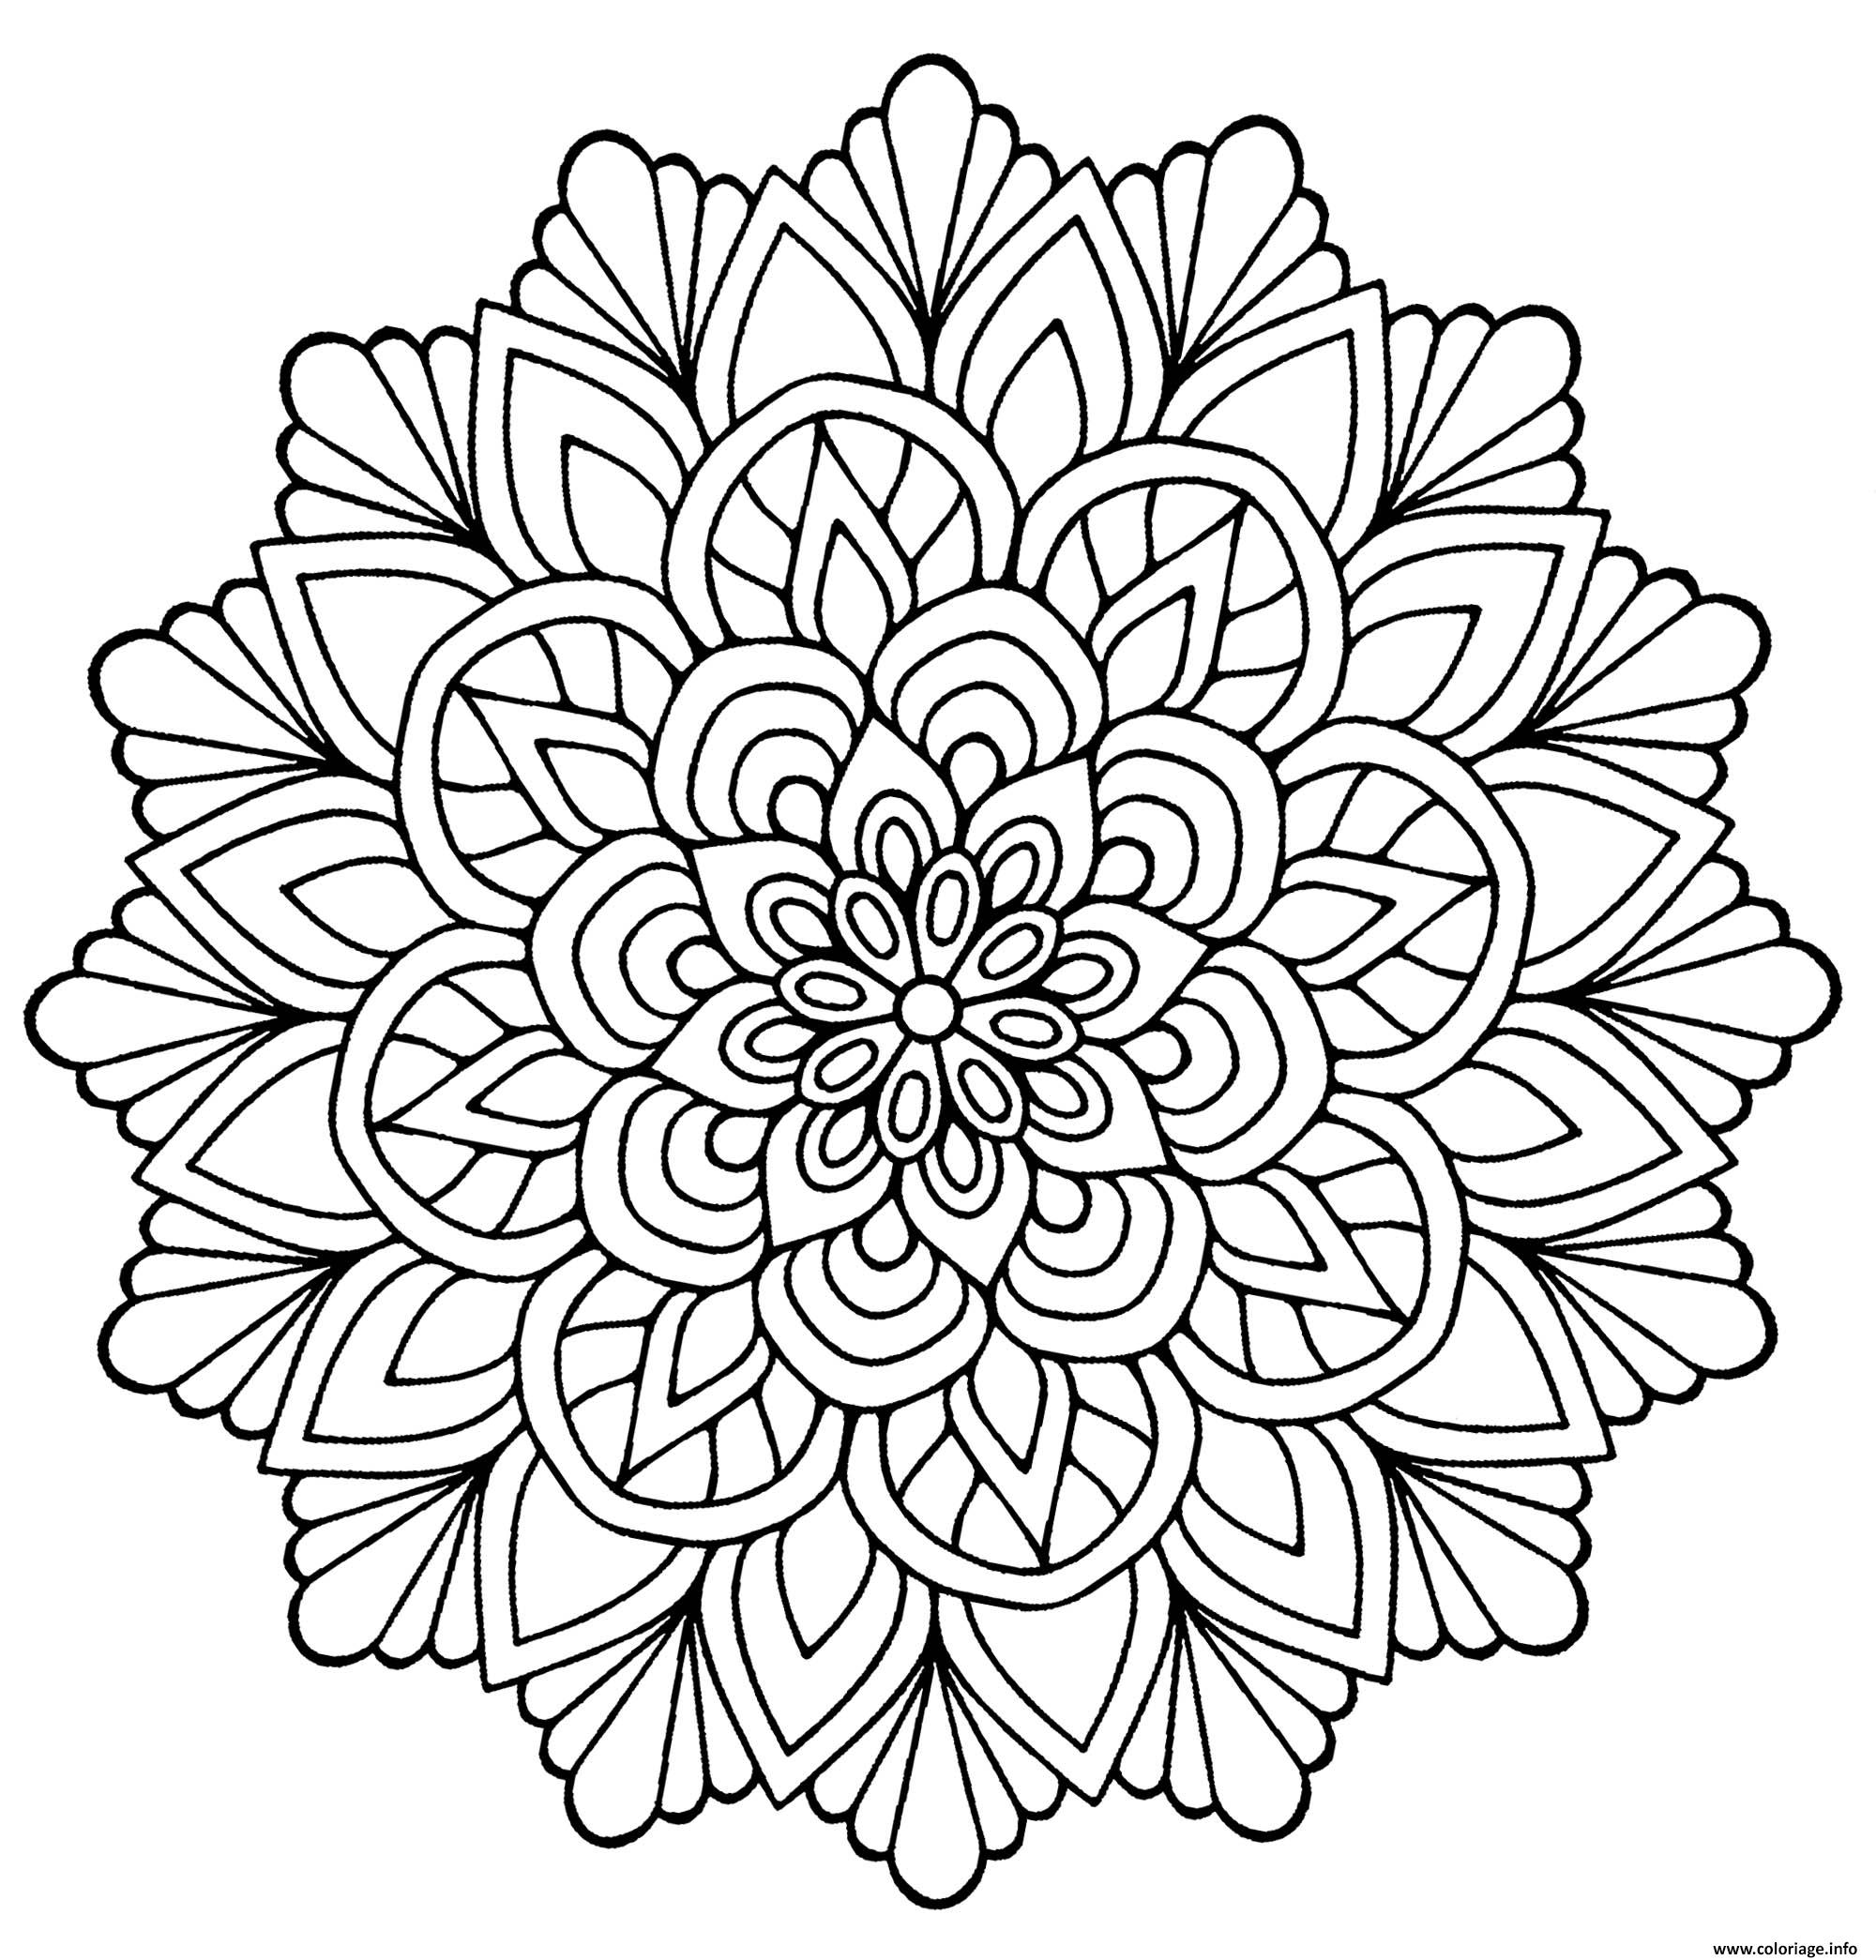 Coloriage mandala fleur avec feuilles dessin - Fleur coloriage a imprimer ...